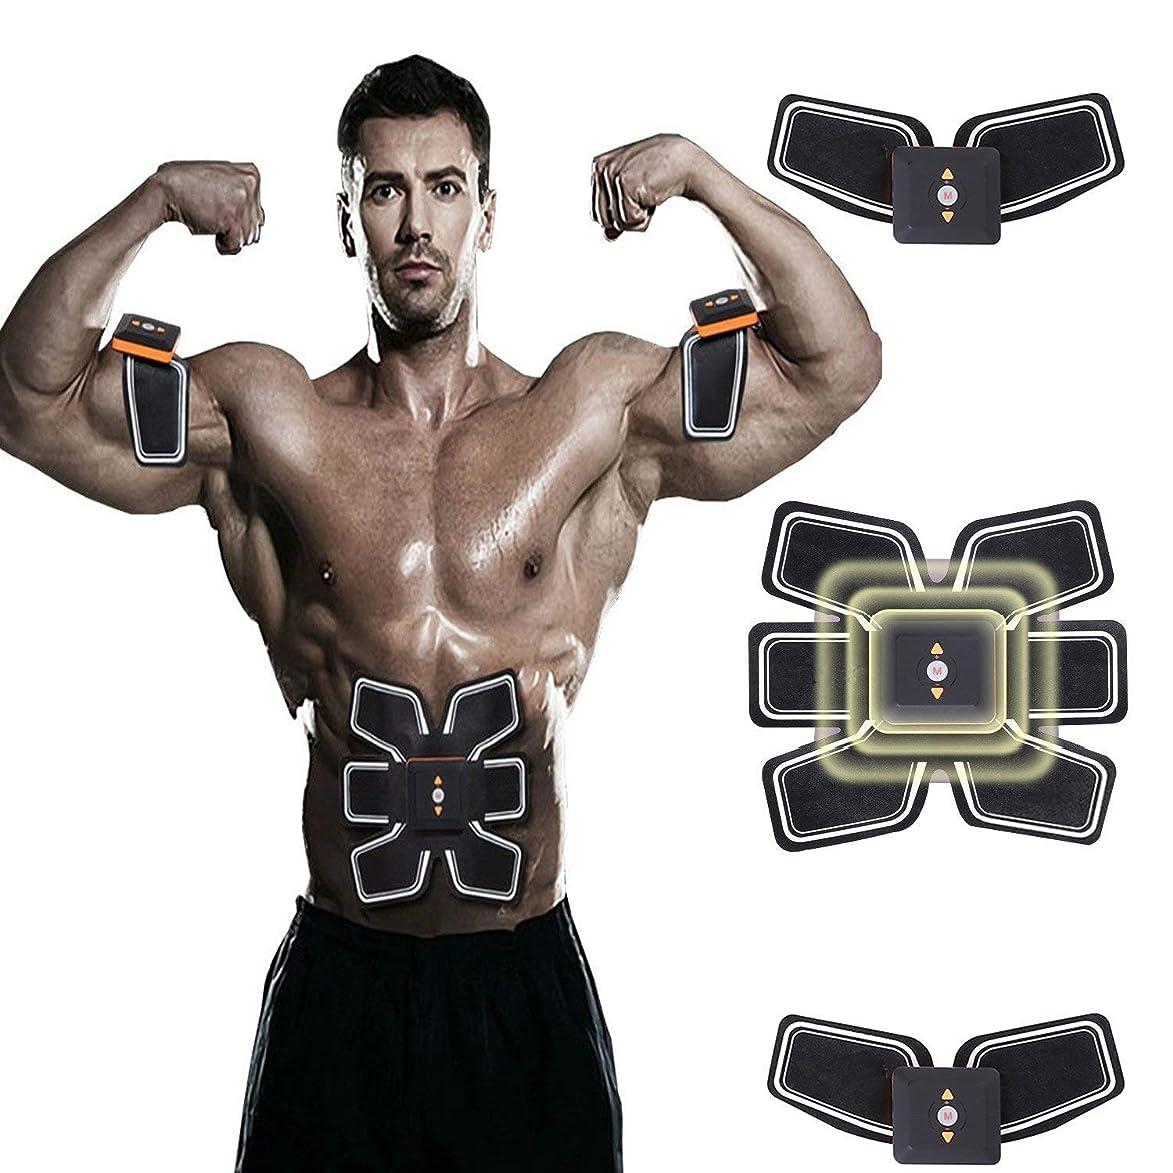 進化する美徳イヤホンGWM トレーニングマッサージ筋肉トレーニングベルトトレーナーウエストトレーナーウエストトリミングベルトEMSトレーニング機器、スマートホームオフィスフィットネス機器ユニセックス(320 * 260 * 50mm)